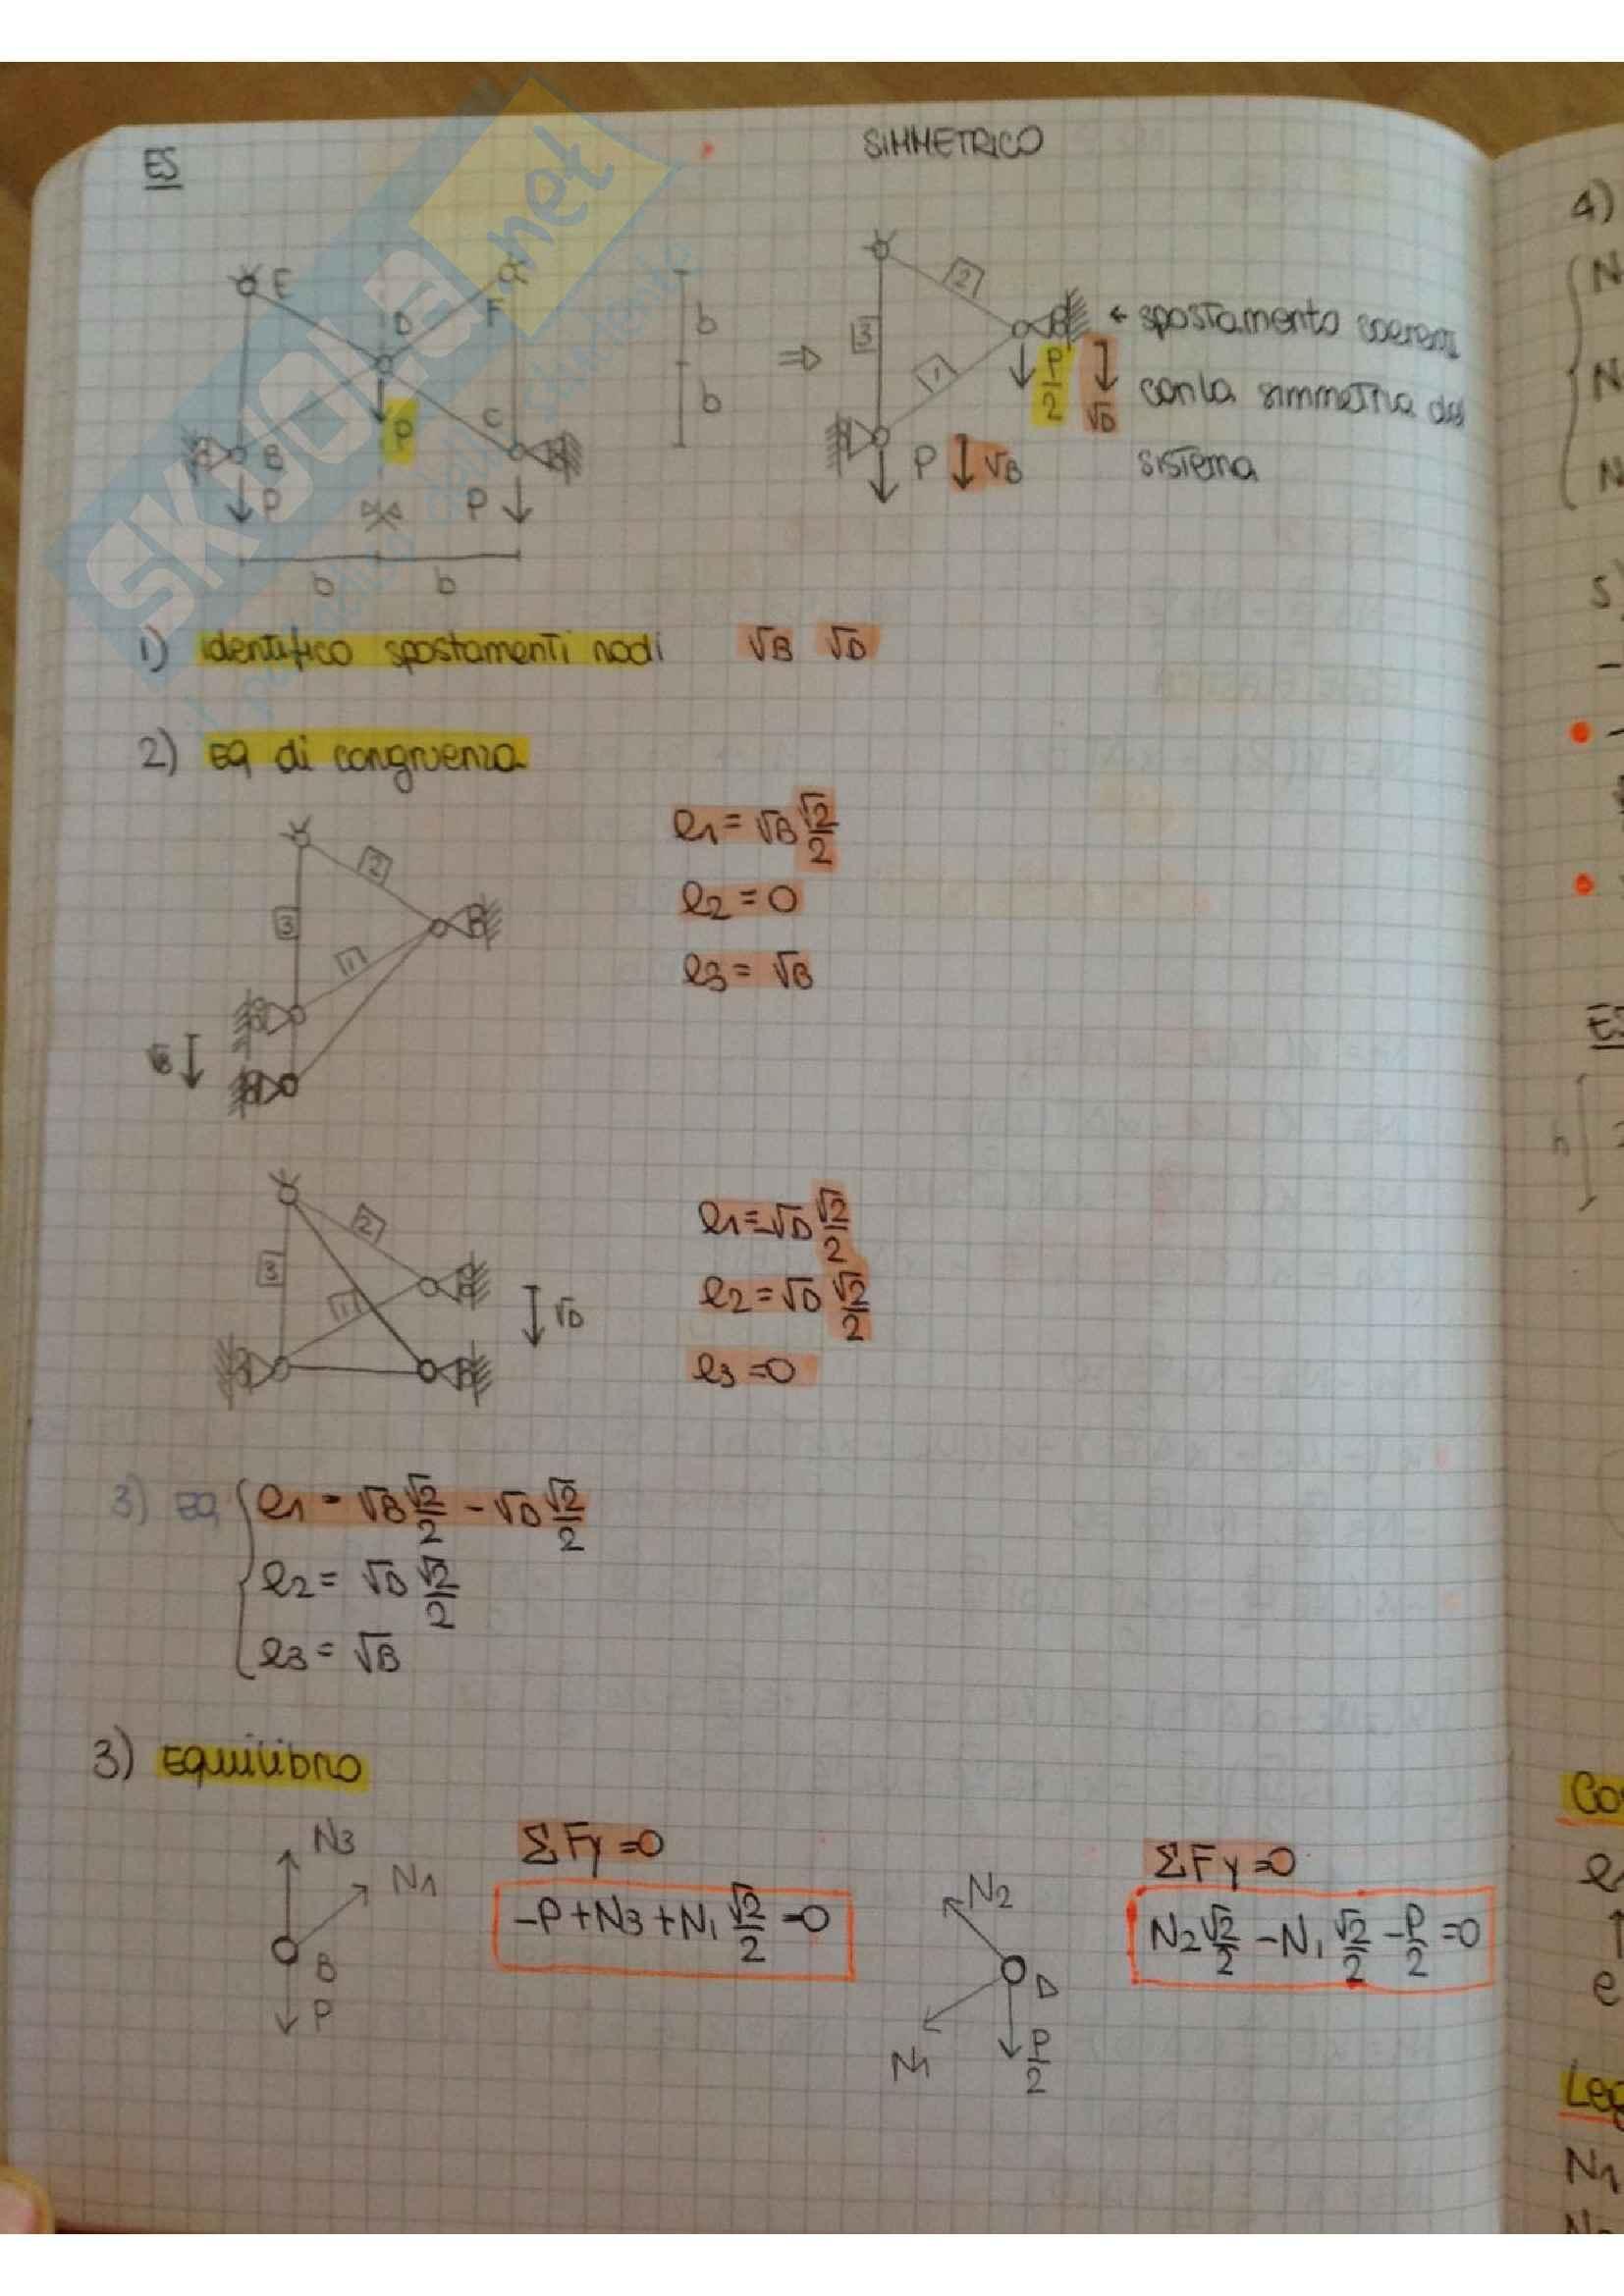 Scienza delle costruzioni, appunti ed esercitazioni, preparazione completa all'esame Pag. 26